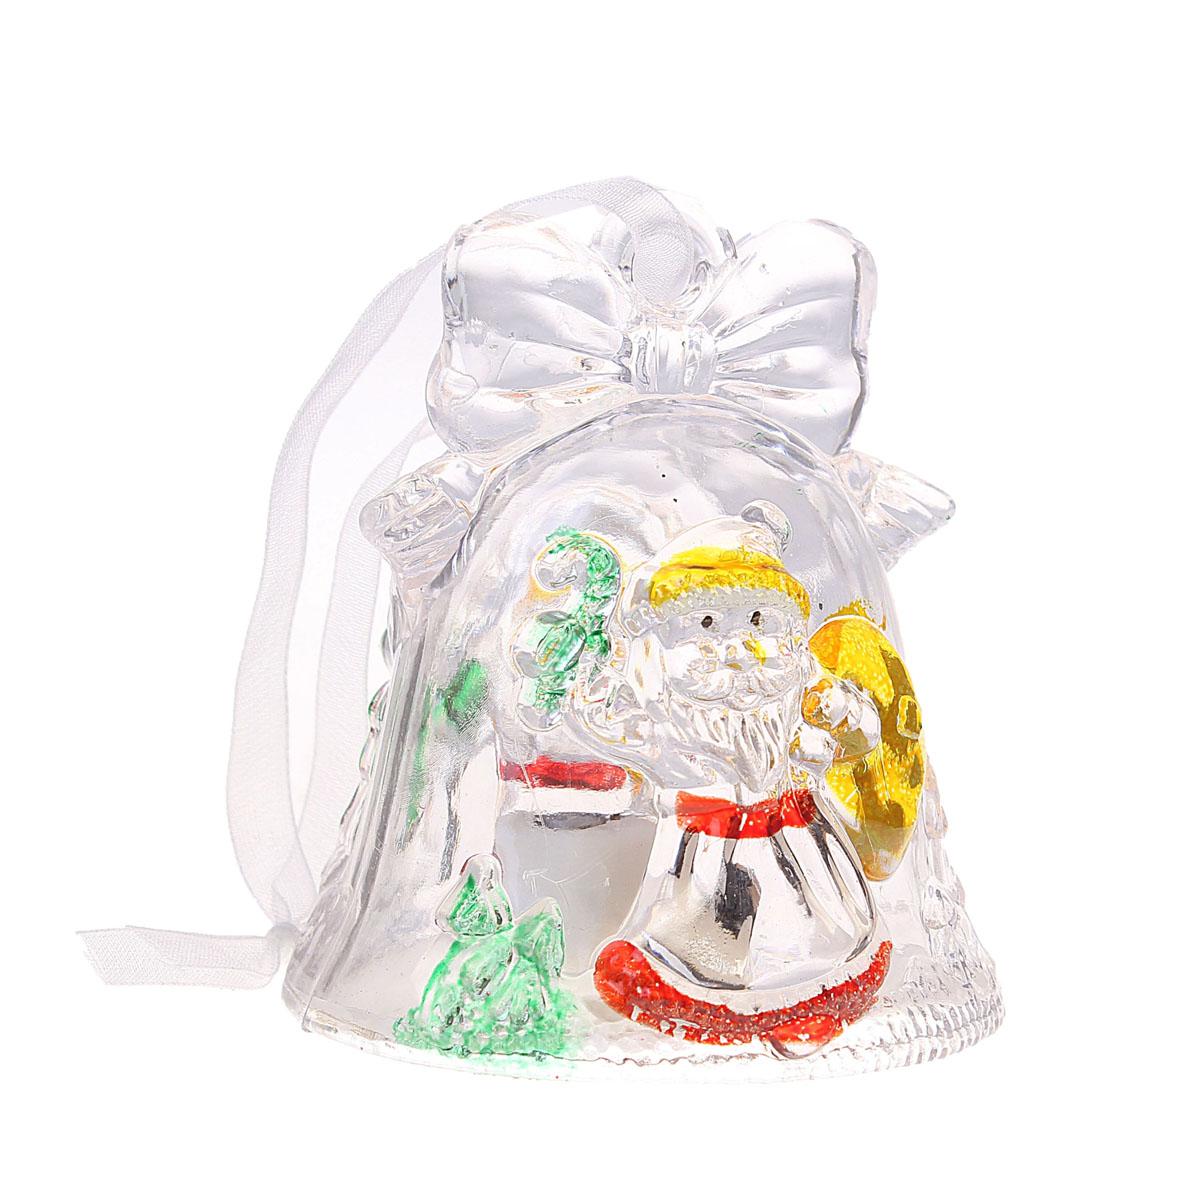 Новогоднее подвесное украшение Sima-land Колокольчик и Дед Мороз, с подсветкой602894Новогоднее украшение Колокольчик и Дед Мороз отлично подойдет для декорации вашего дома и новогодней ели. Игрушка выполнена из пластика в виде колокольчика и декорирована рельефом в форме Деда Мороза. Особенностью данного украшения является наличие светодиодного устройства, благодаря которому украшение светится. Всего 3 режима свечения различными цветами. Украшение оснащено специальной текстильной петелькой для подвешивания.Елочная игрушка - символ Нового года. Она несет в себе волшебство и красоту праздника. Создайте в своем доме атмосферу веселья и радости, украшая всей семьей новогоднюю елку нарядными игрушками, которые будут из года в год накапливать теплоту воспоминаний. УВАЖАЕМЫЕ КЛИЕНТЫ!Обращаем ваше внимание на тот факт, что батарейки входят в комплект. Материал: пластик. Диаметр украшения: 7 см.Высота украшения: 7,5 см.